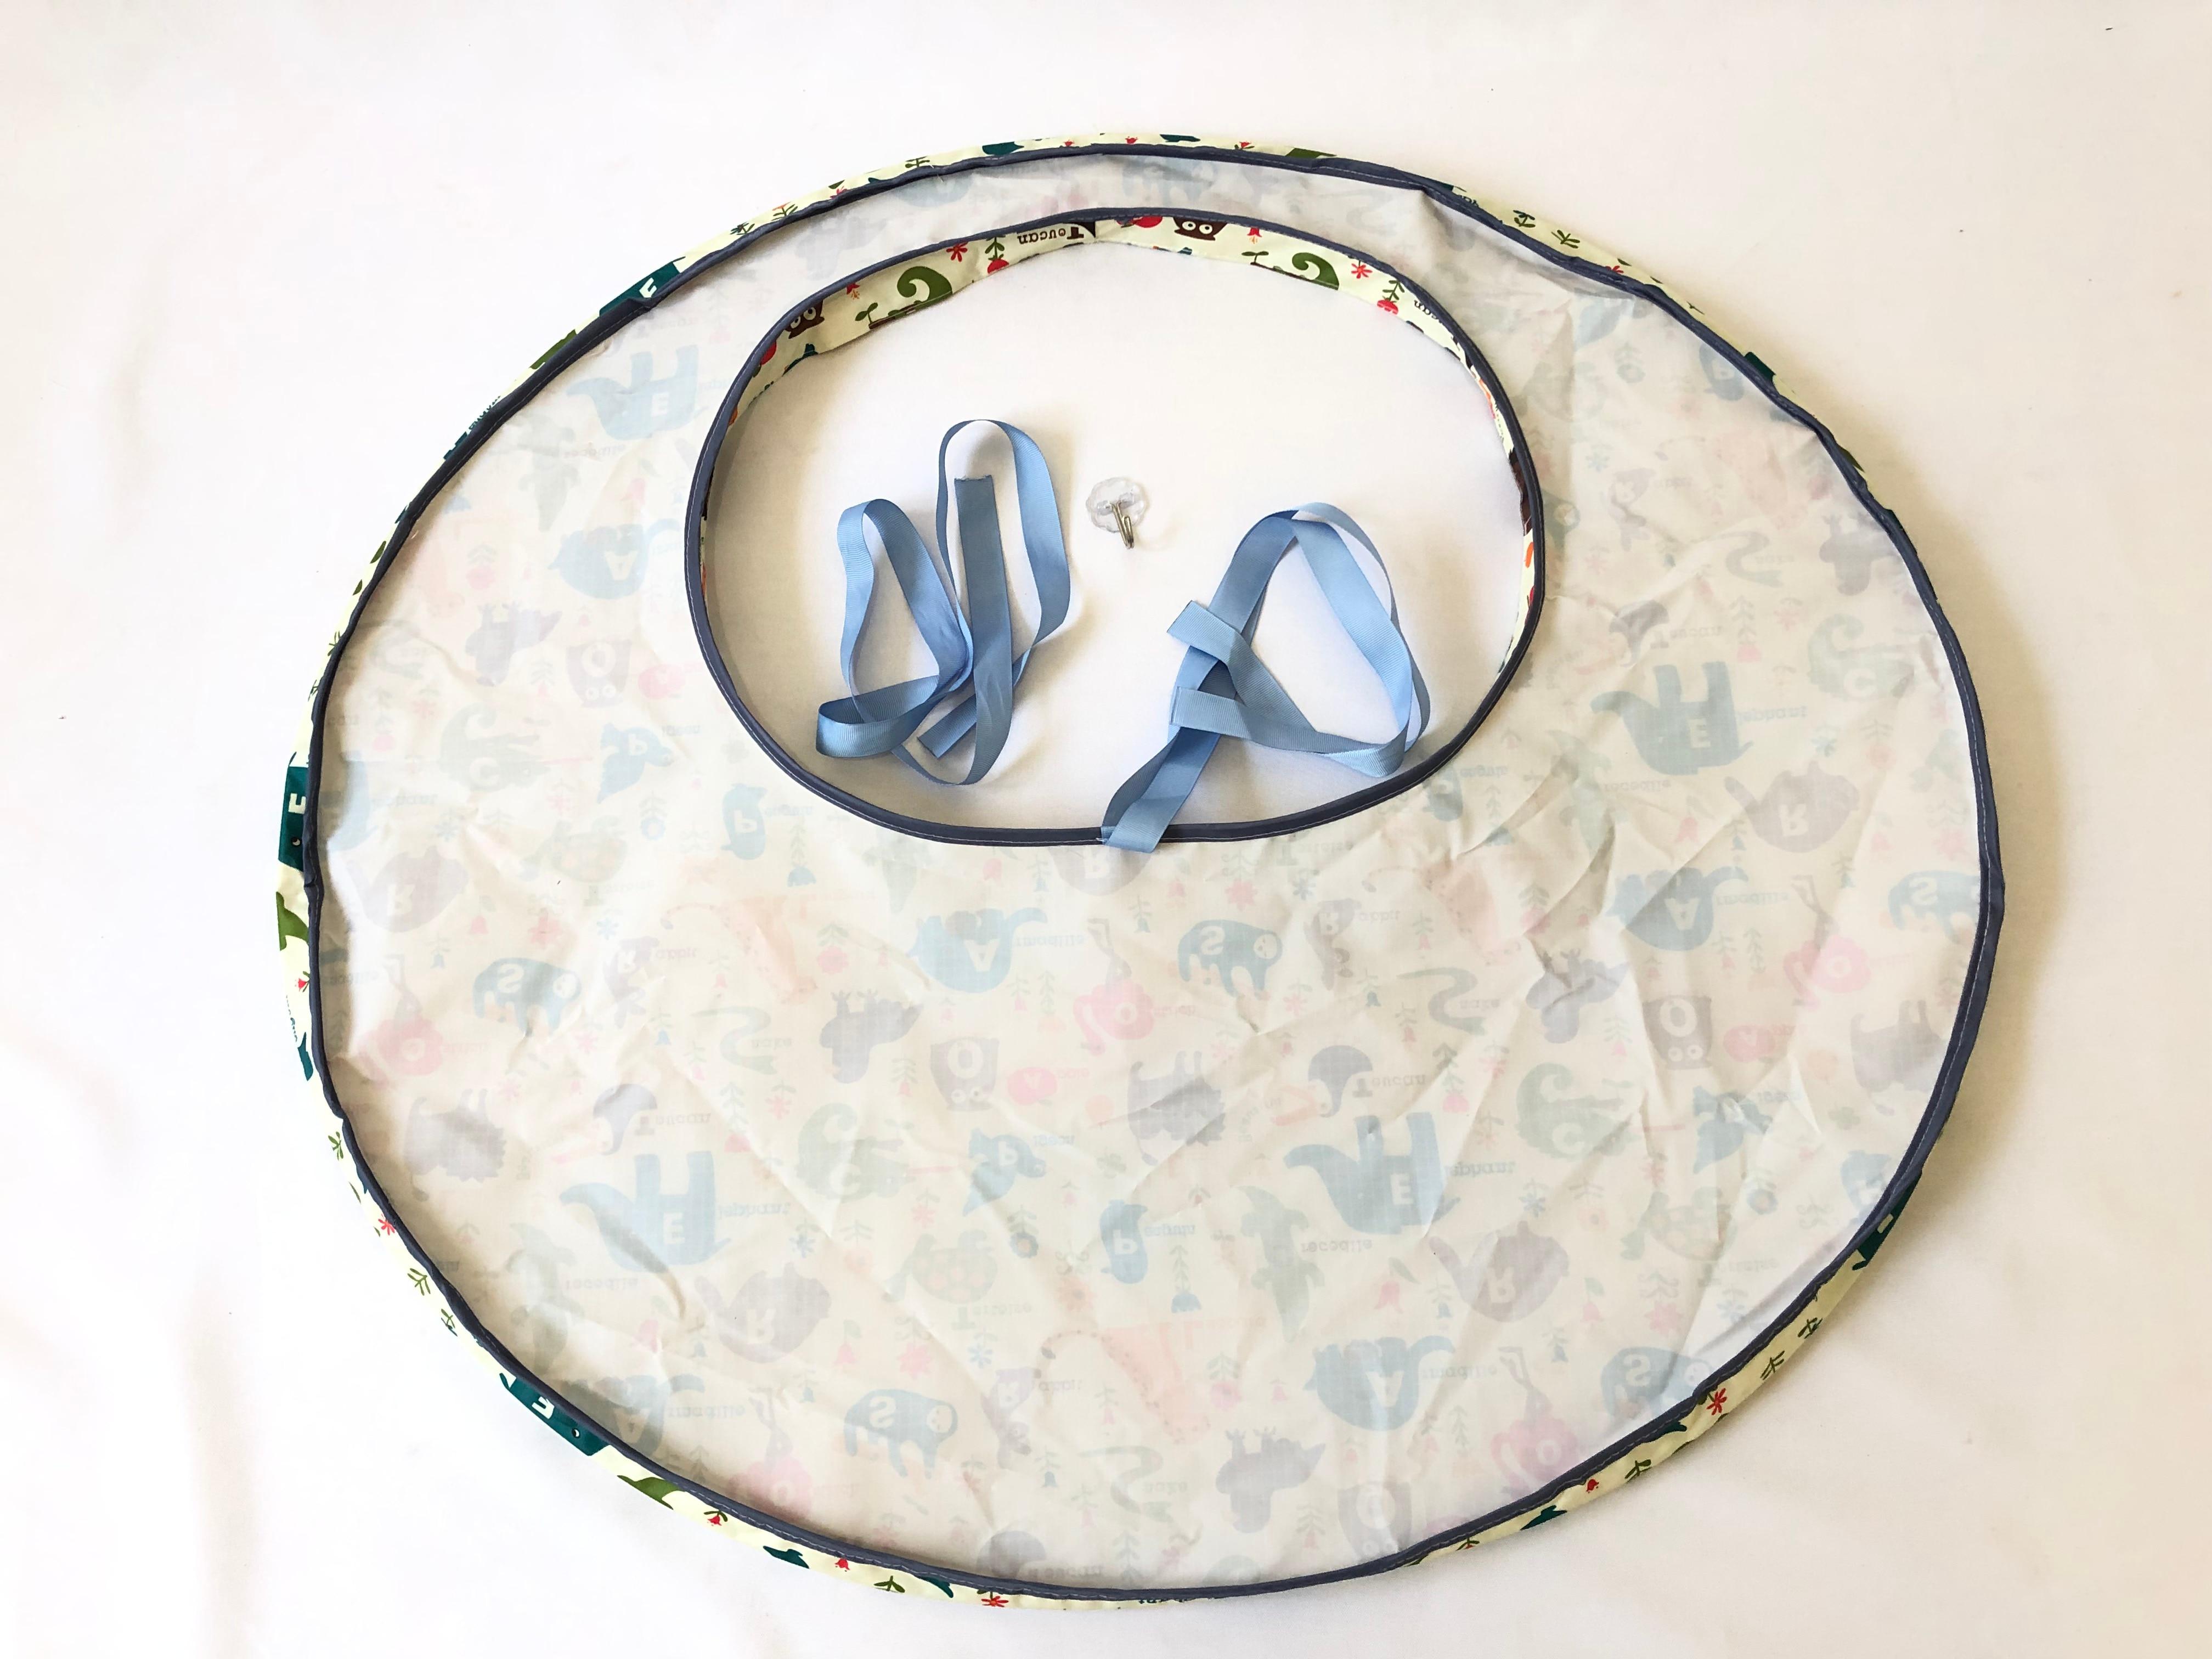 Качественное ресторанное и домашнее детское блюдце для кормления, чехол на стульчик для кормления, зародыши предотвращает падение еды и игрушек на пол